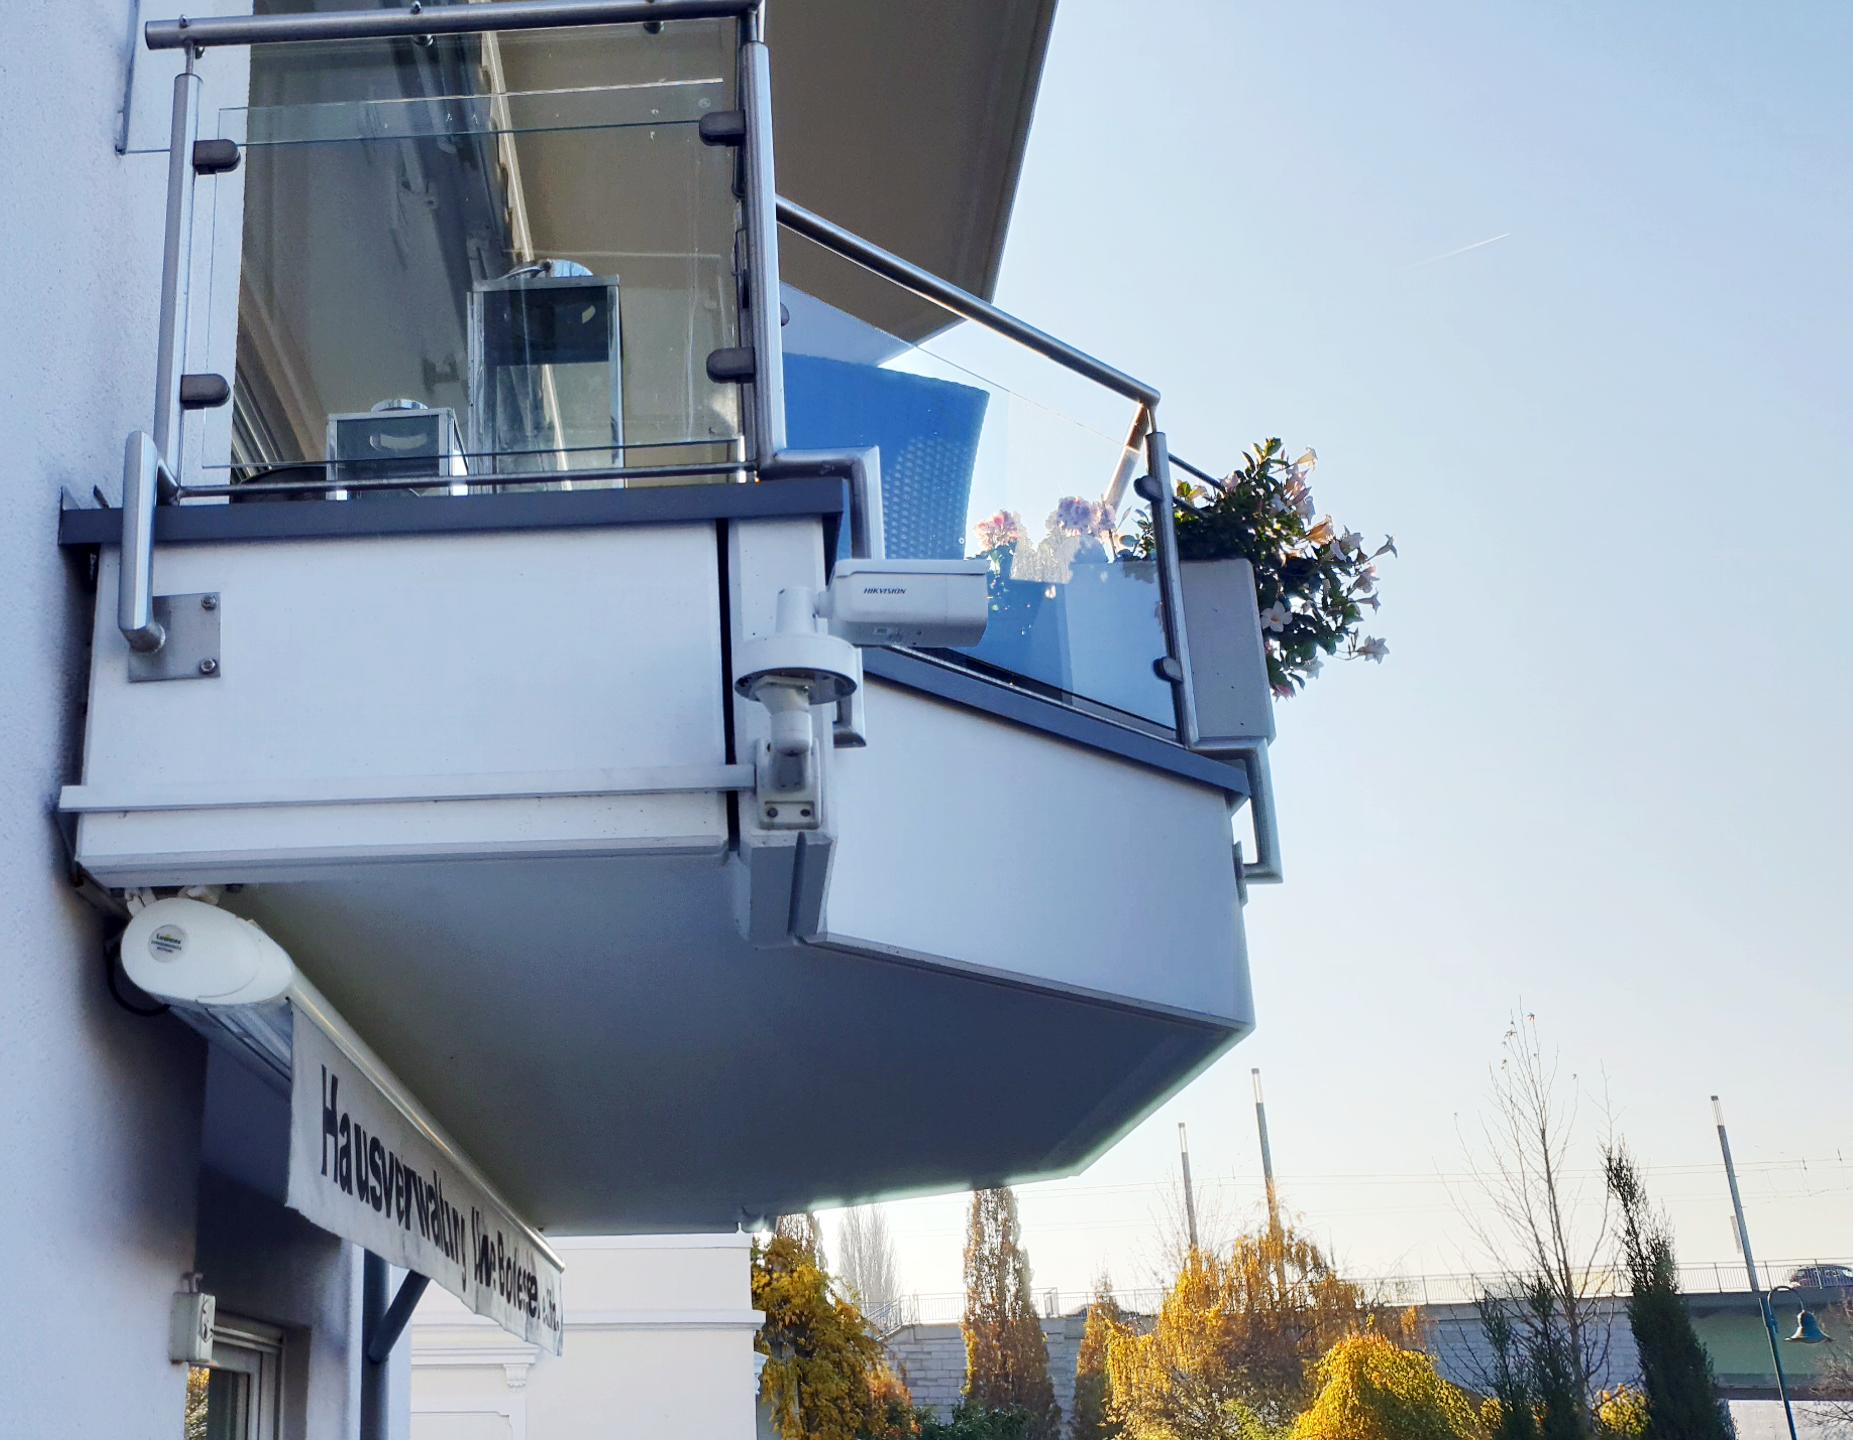 Statische Livecam STA-8 von Hikvision für Livestreaming an einem Balkon montiert.